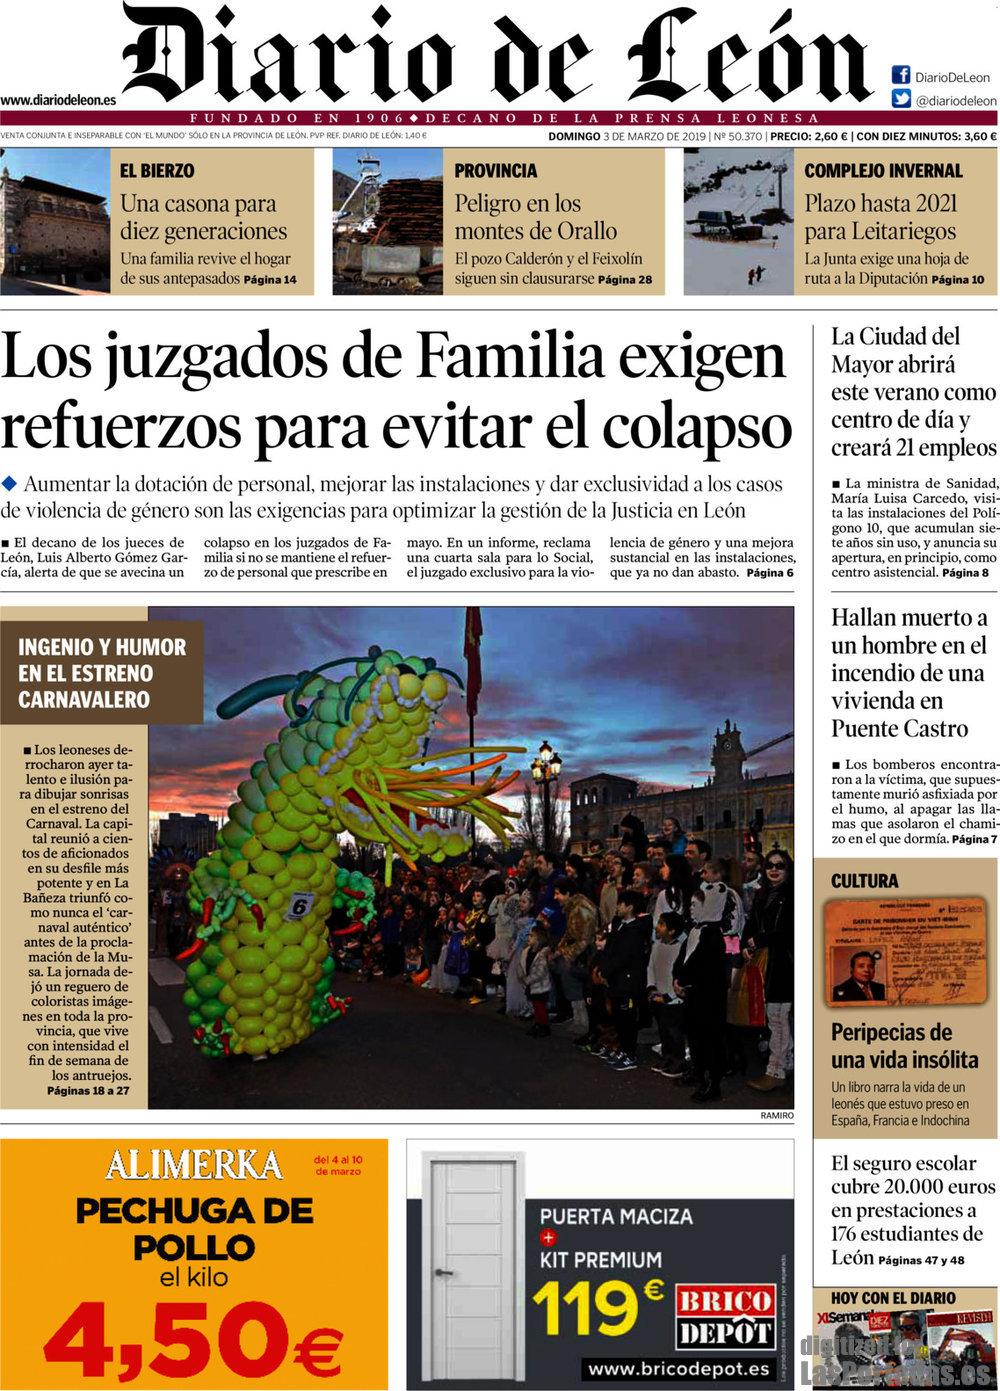 Periodico Diario de León - 3/3/2019